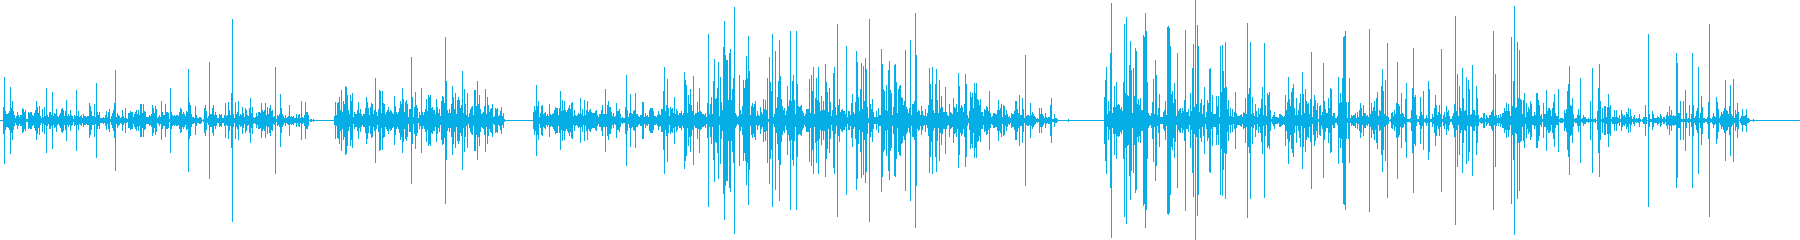 ムーブメント-動物-クランチ-葉-...の再生済みの波形